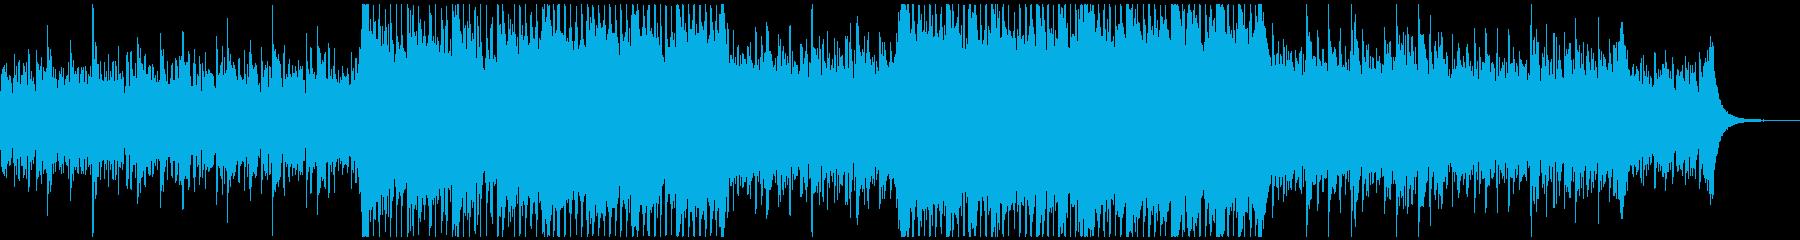 アルペジオとストリングスの上品な4つ打ちの再生済みの波形